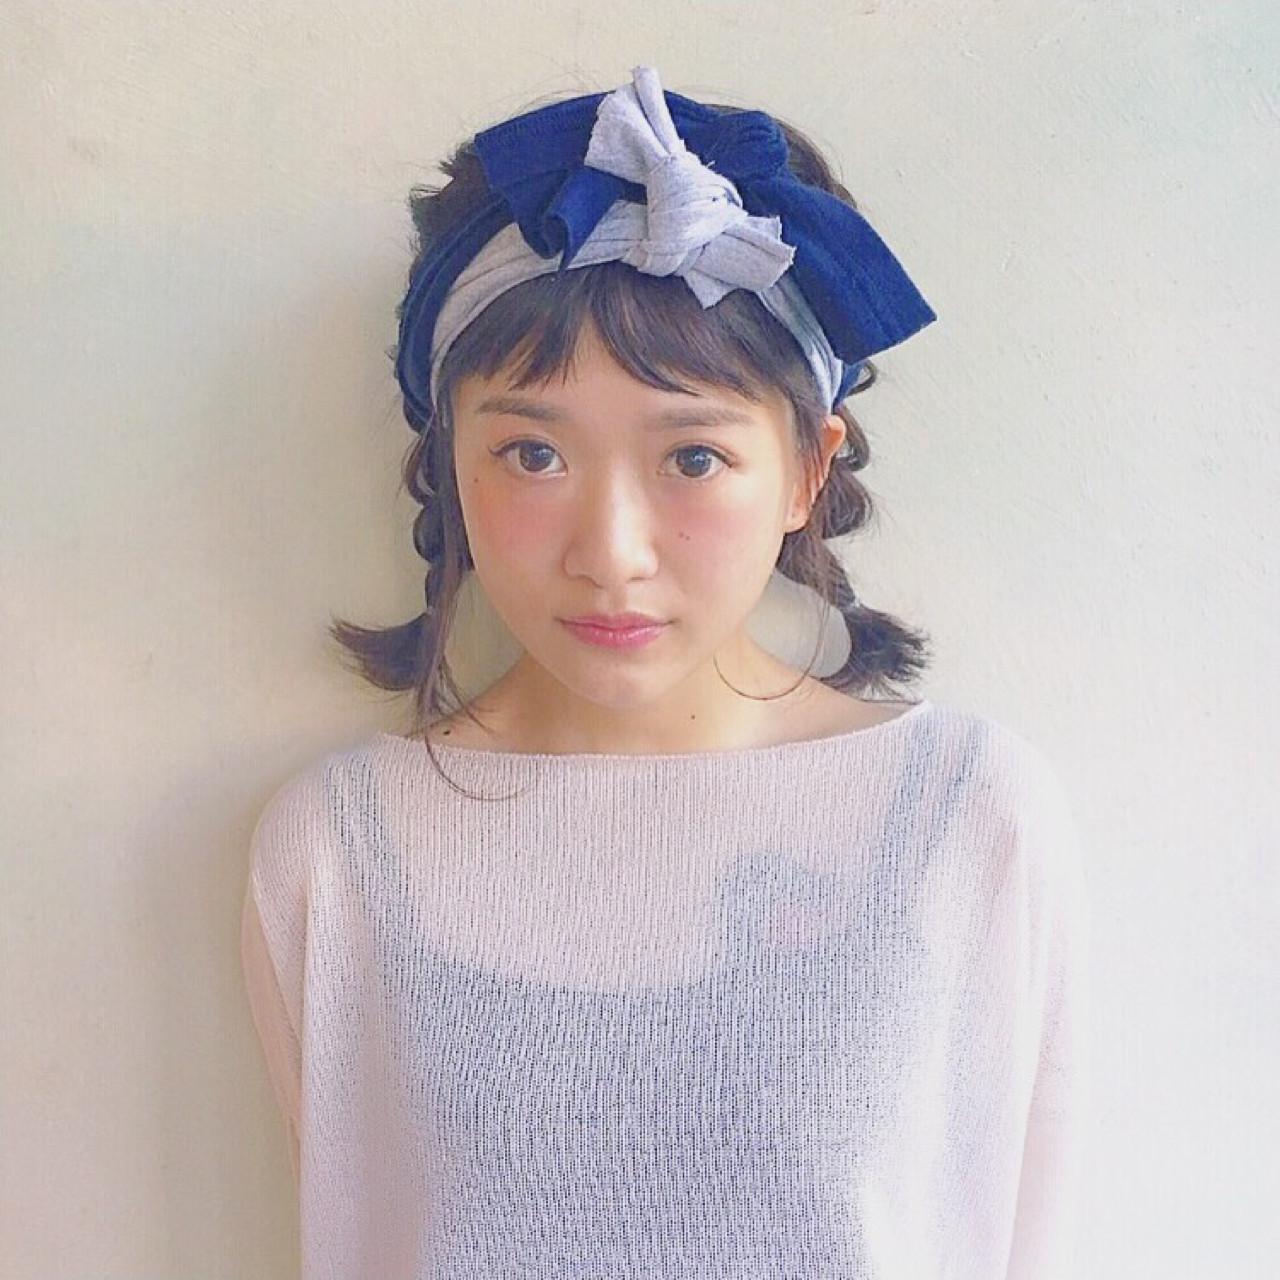 オシャレなオン眉をスーパーオシャレに♡簡単最強激かわヘアアレンジ! Chihiro Hayakawa